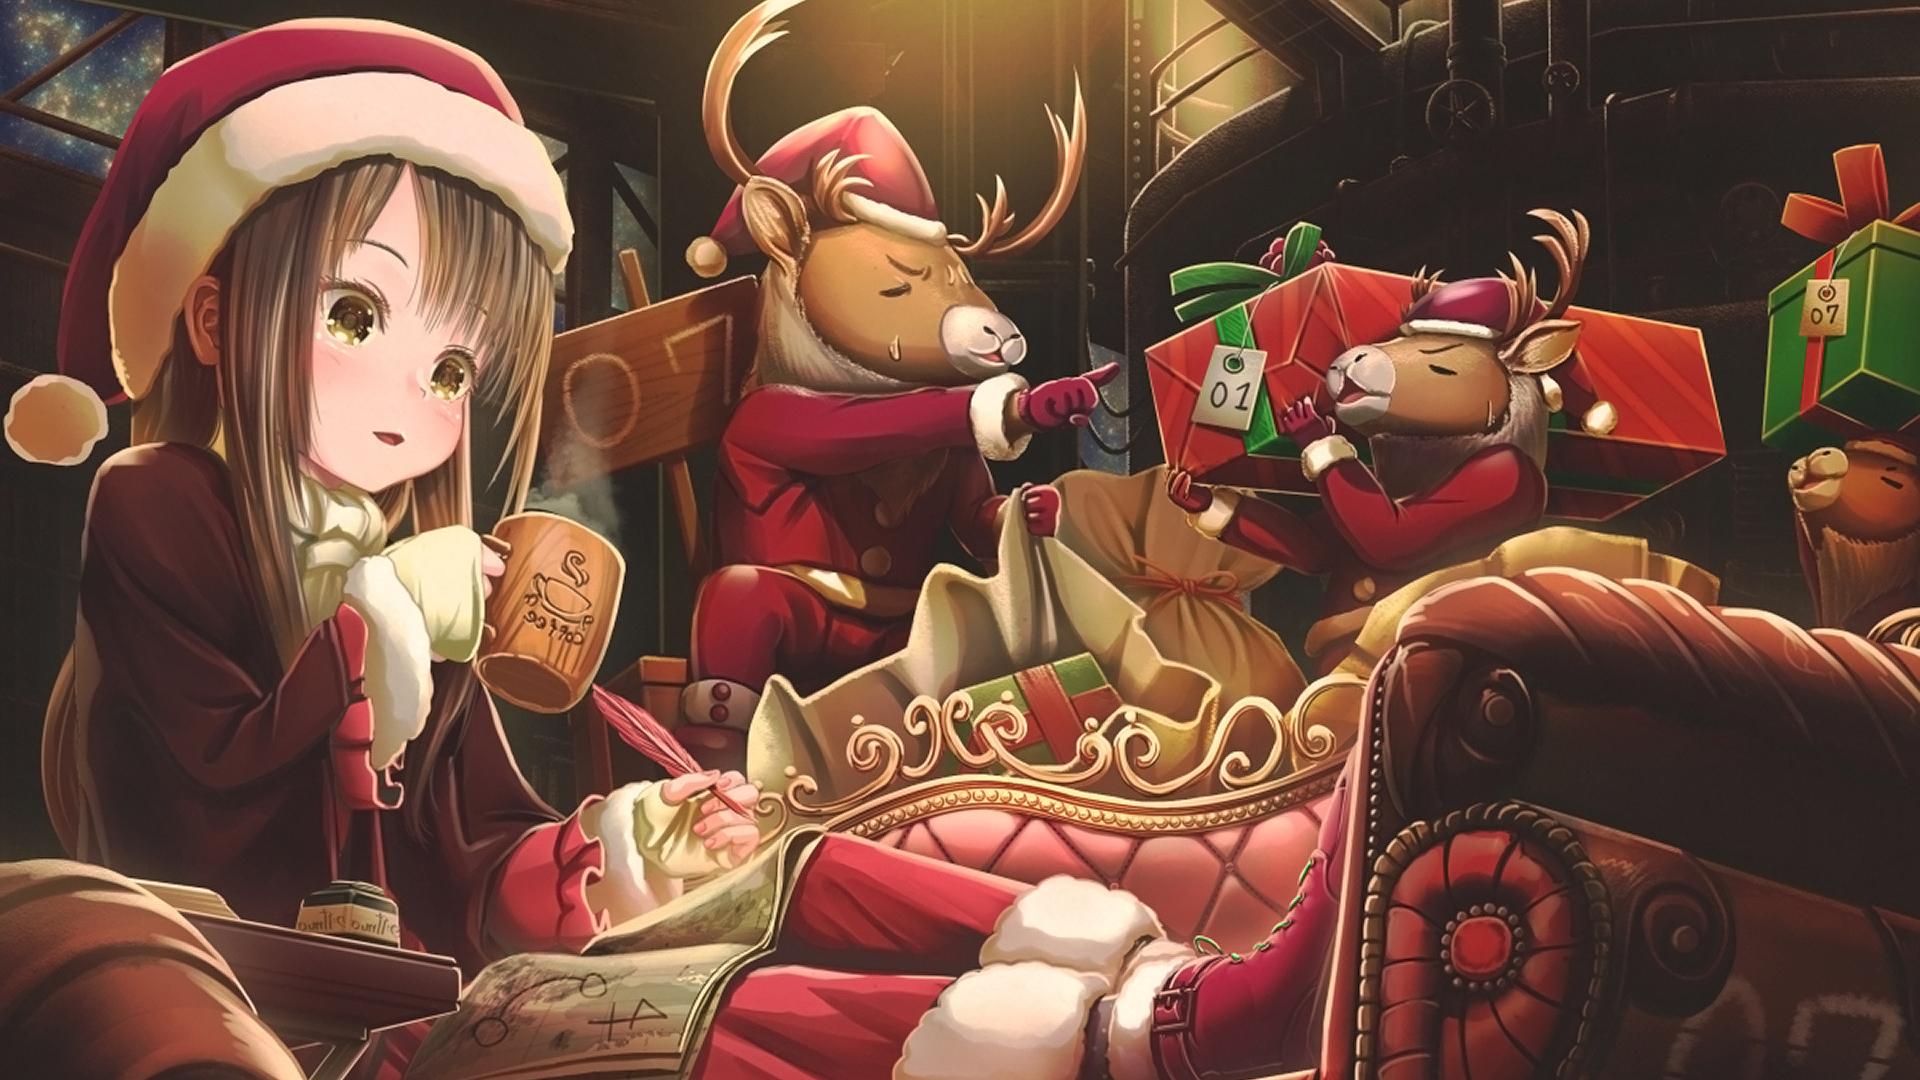 Christmas anime anime girl